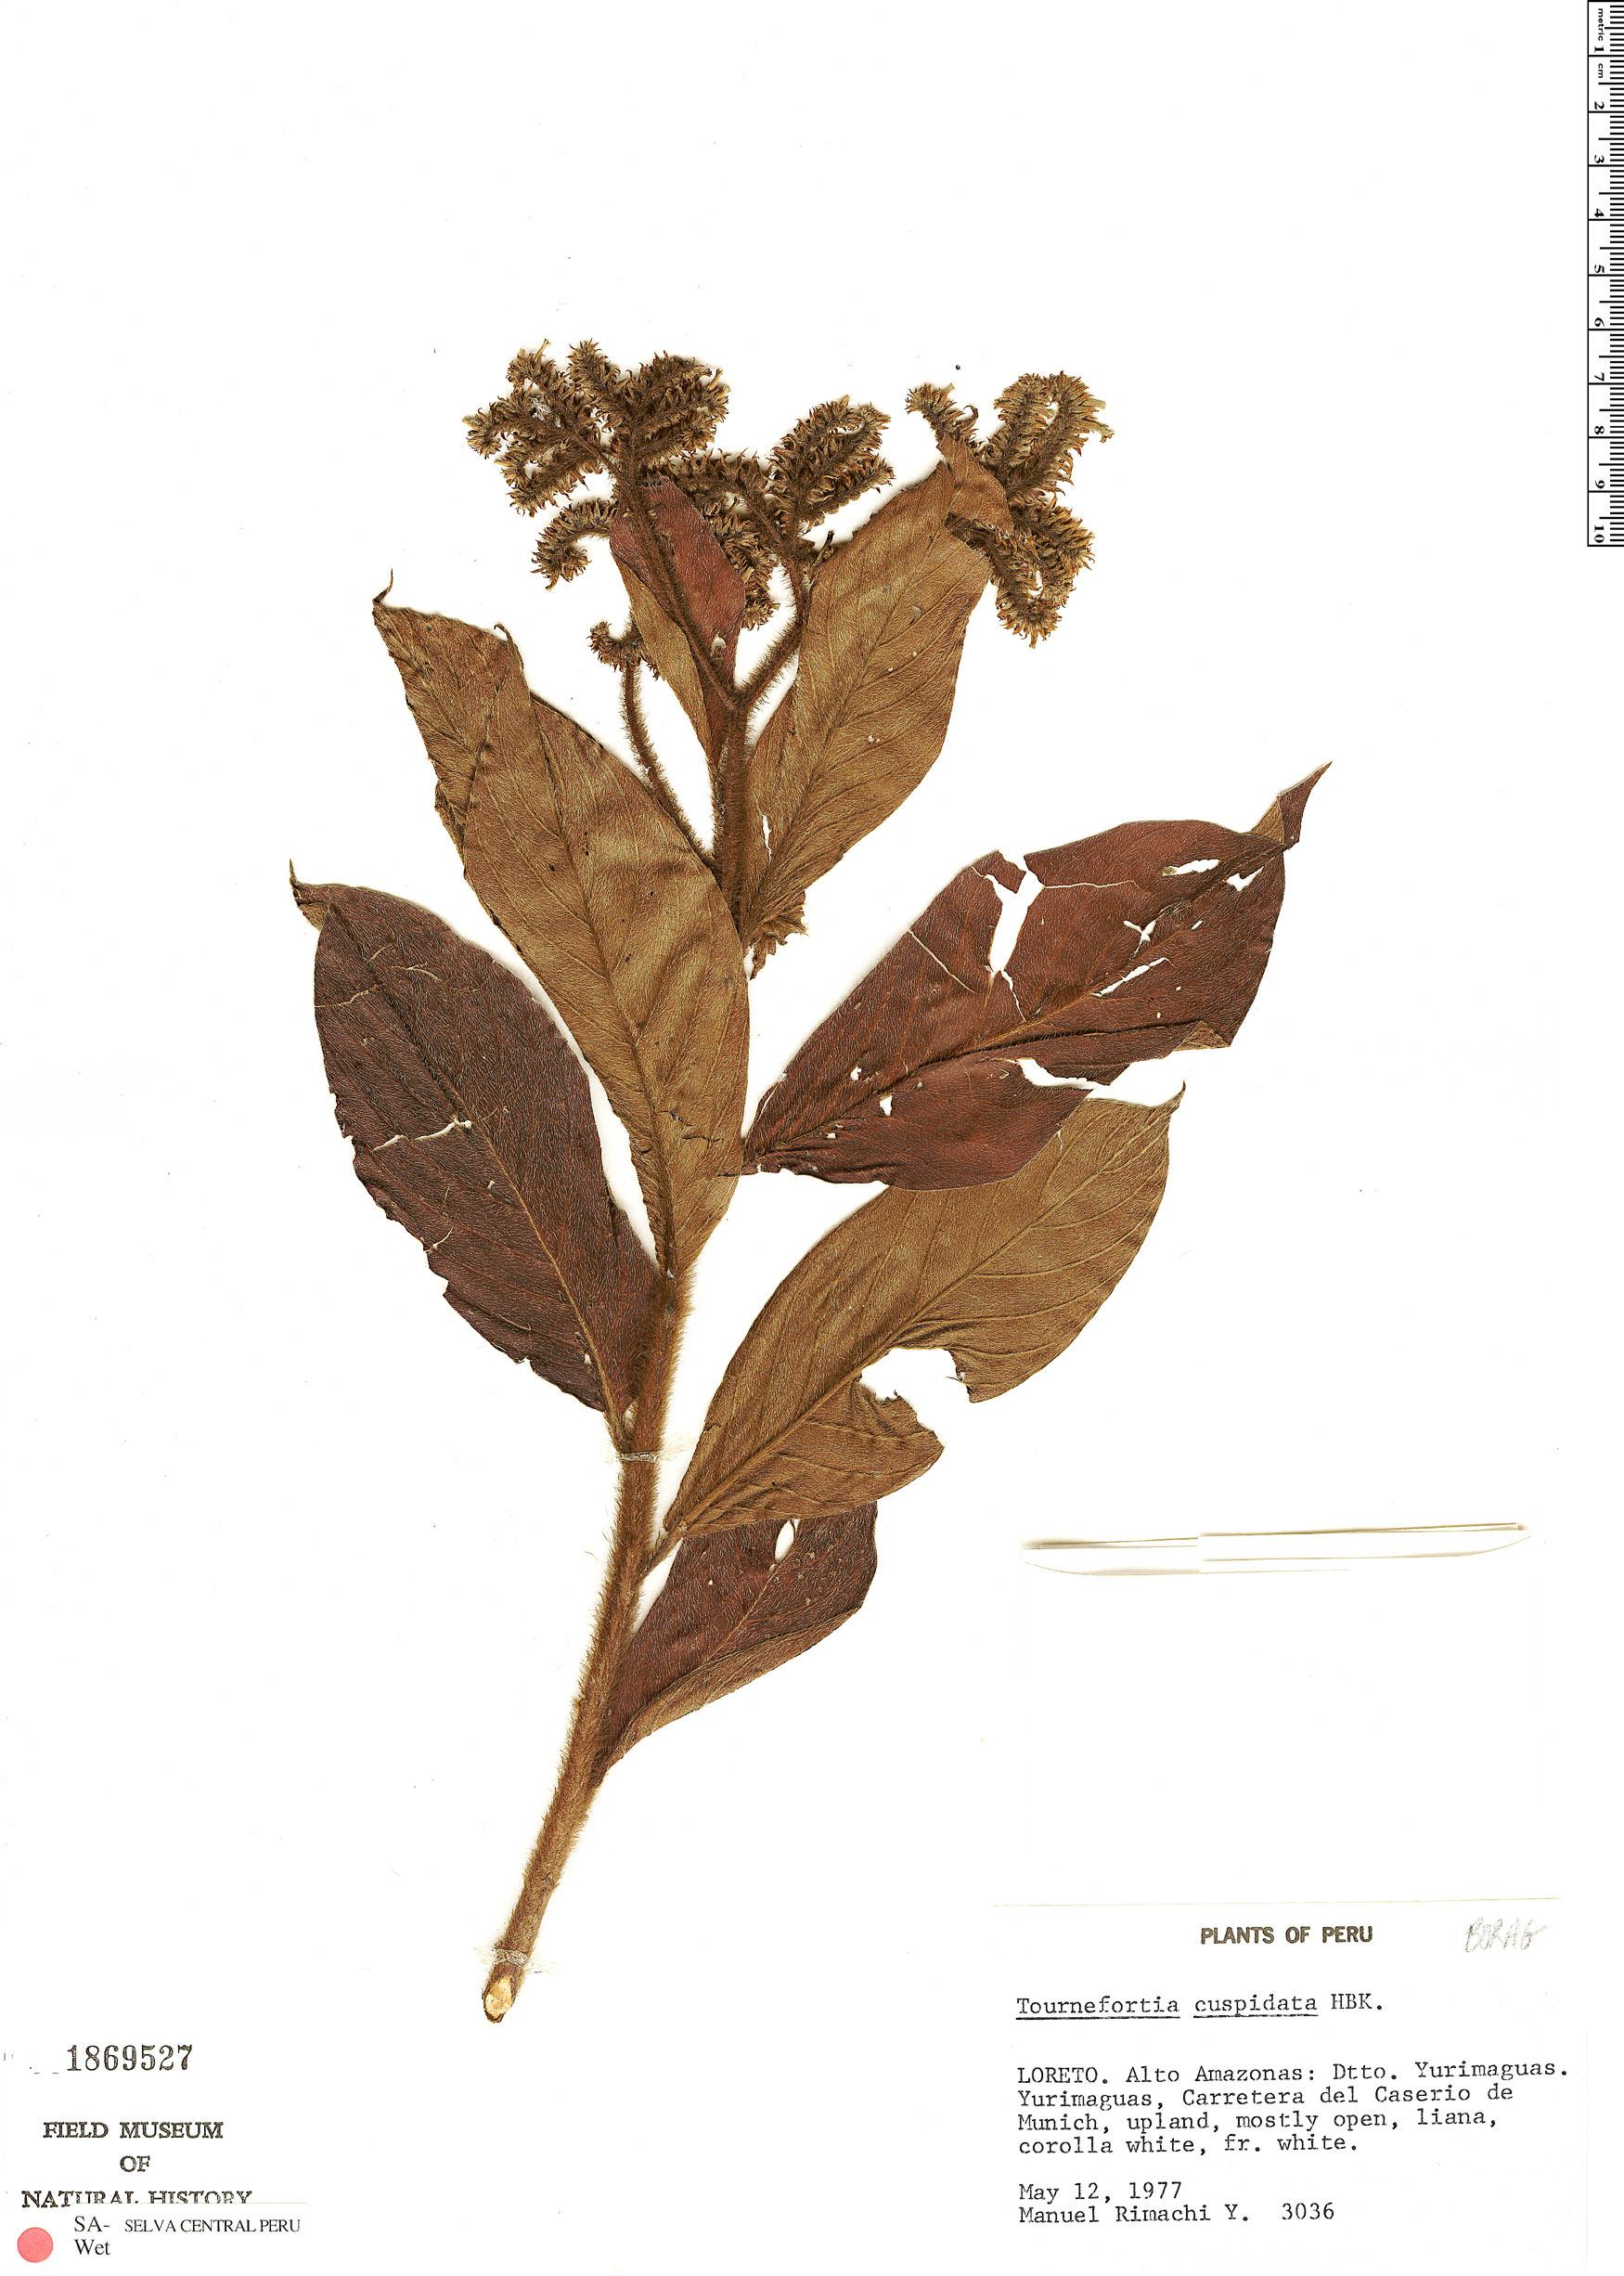 Specimen: Tournefortia cuspidata